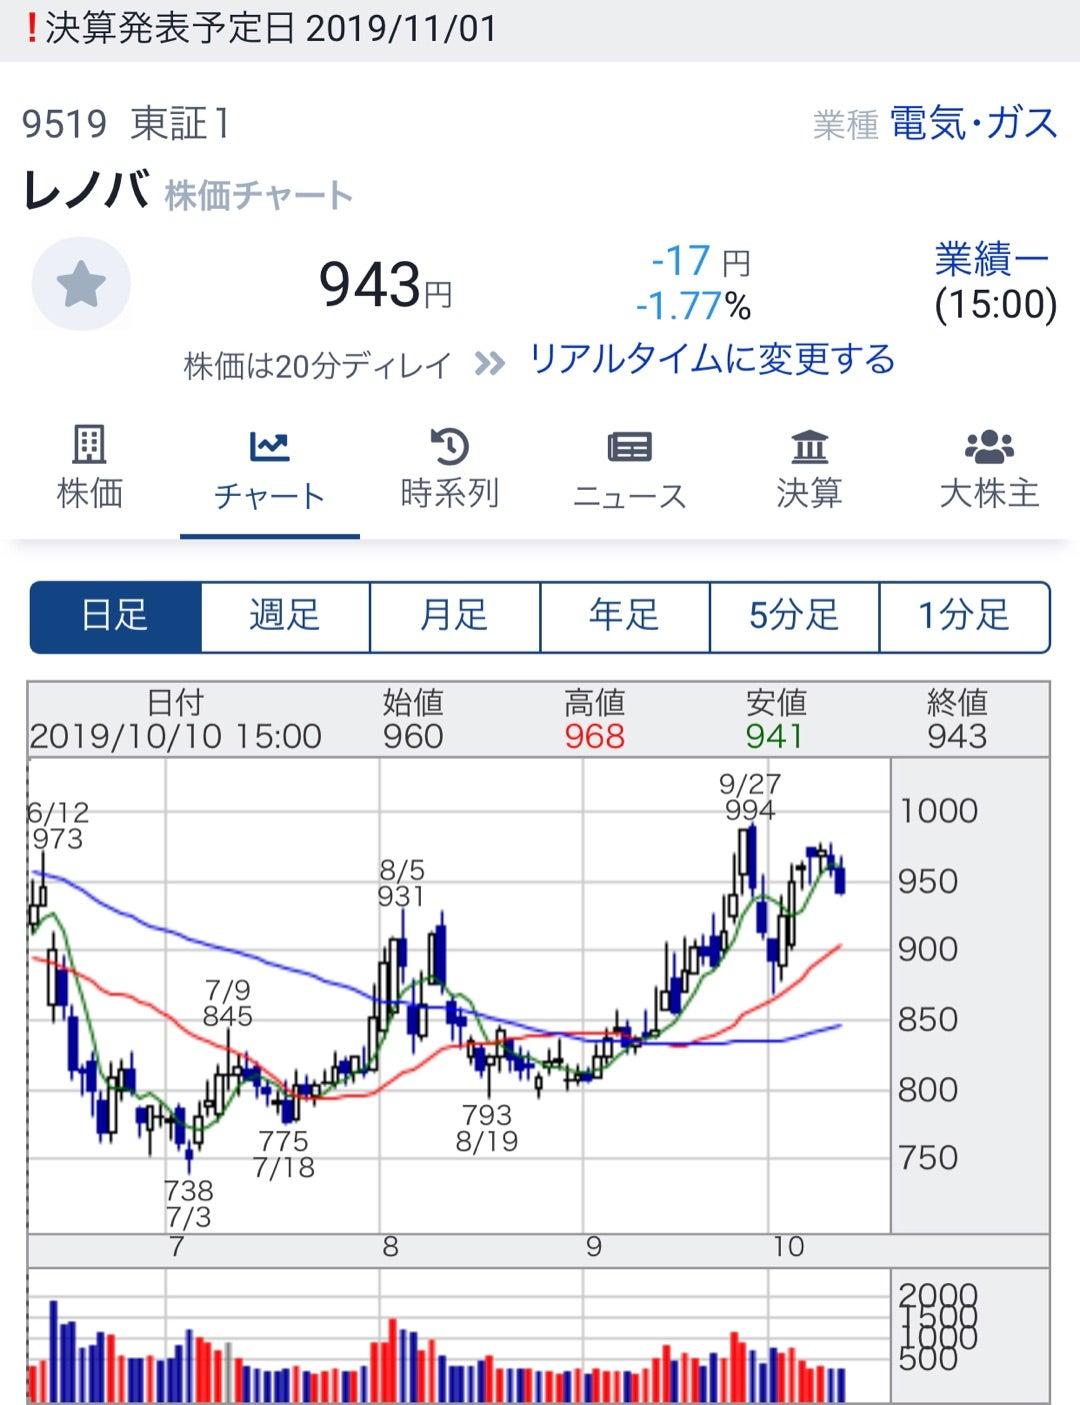 レノバ 株価